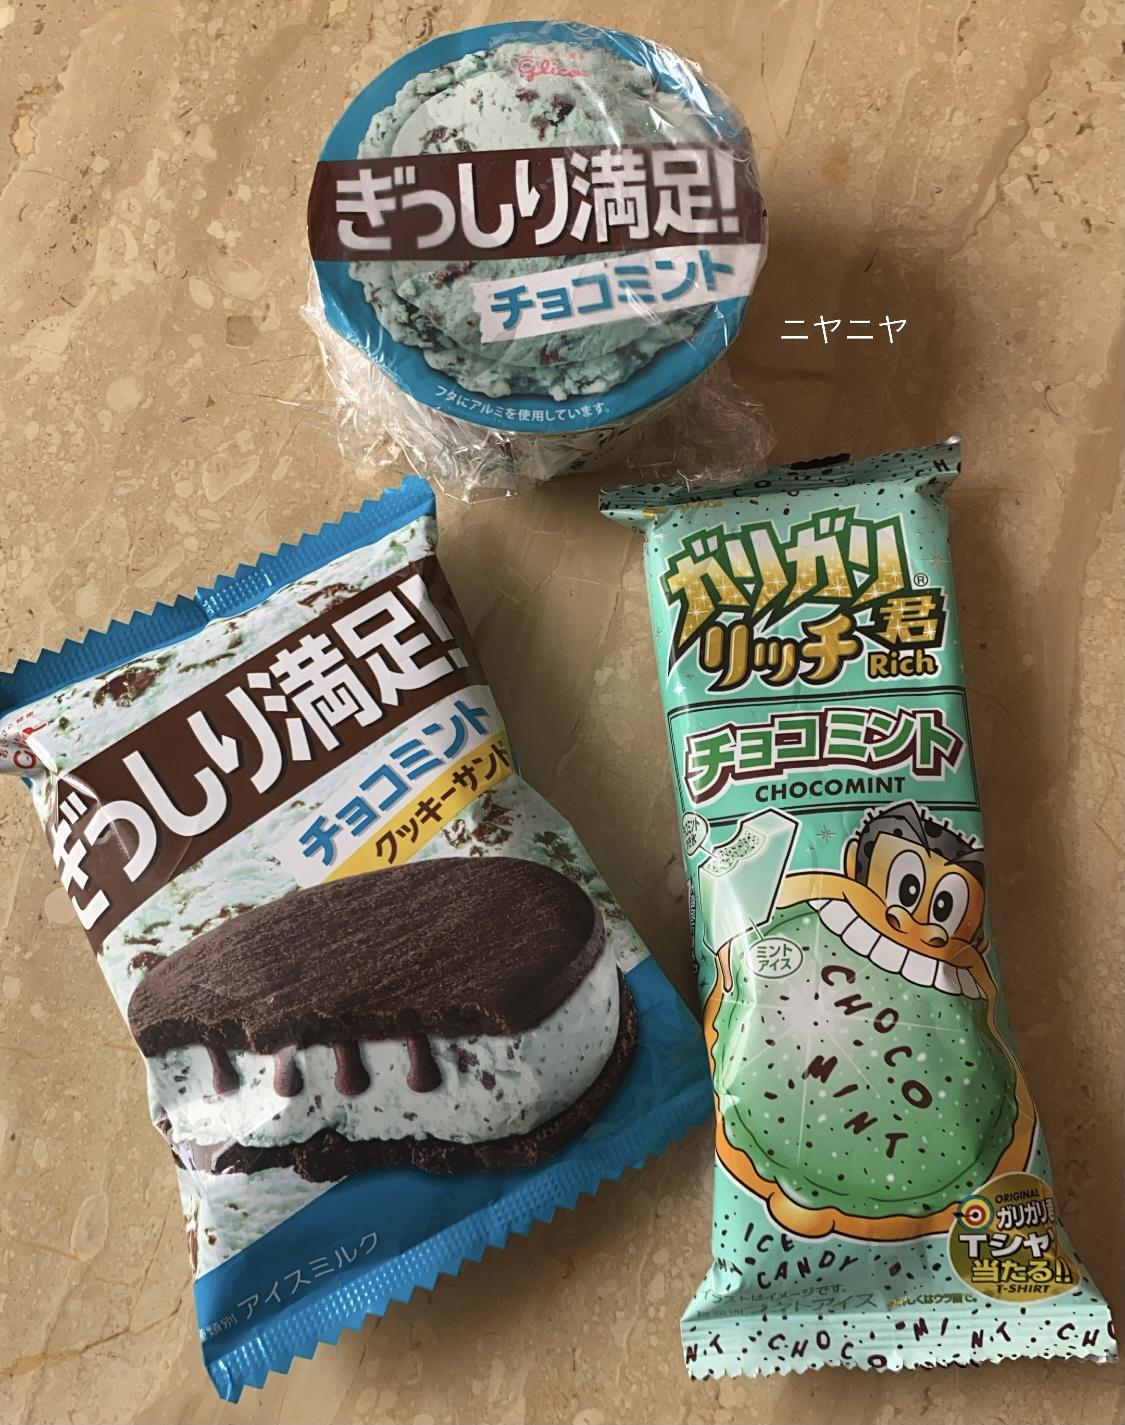 チョコミントアイスが3つ置いてある